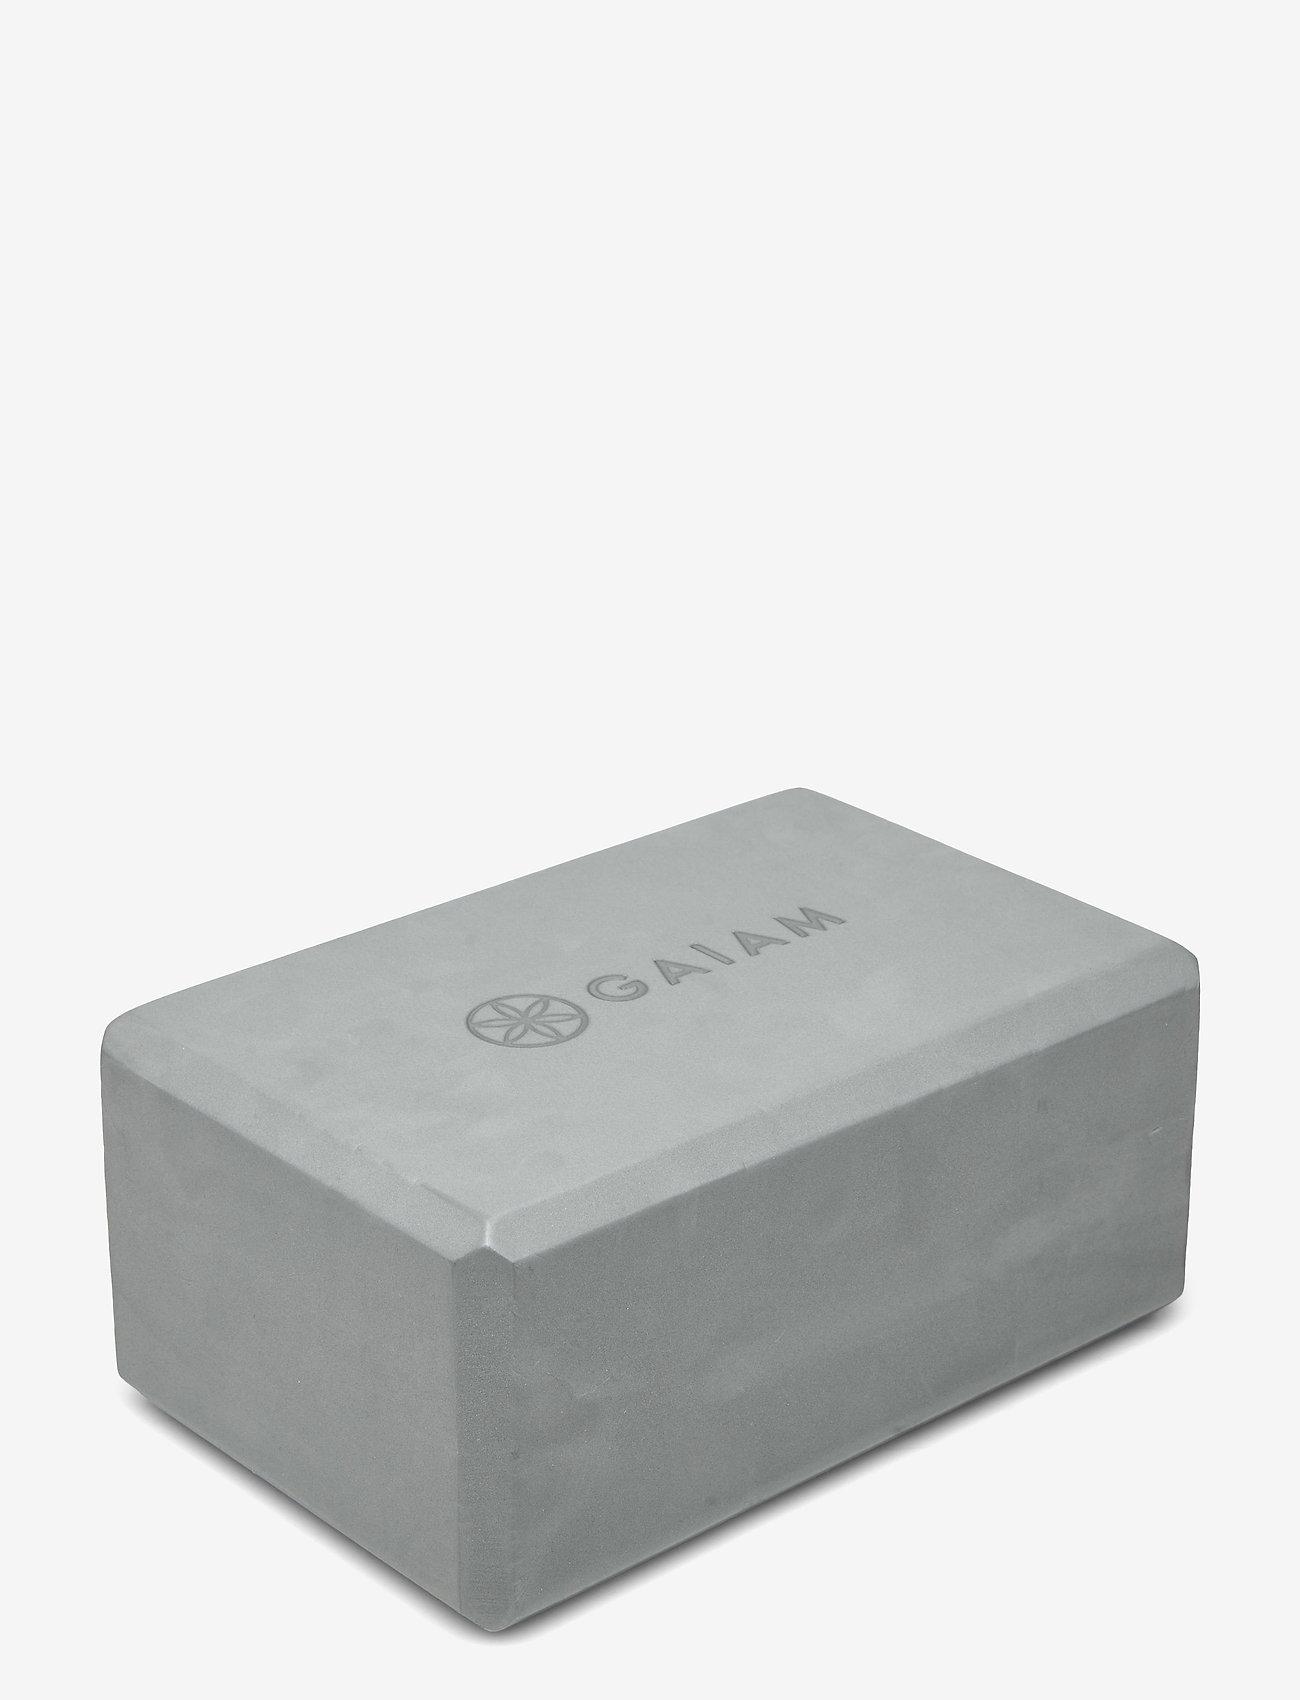 Gaiam - GAIAM YOGA BLOCK GREY - joogablokit ja vyöt - grey - 0